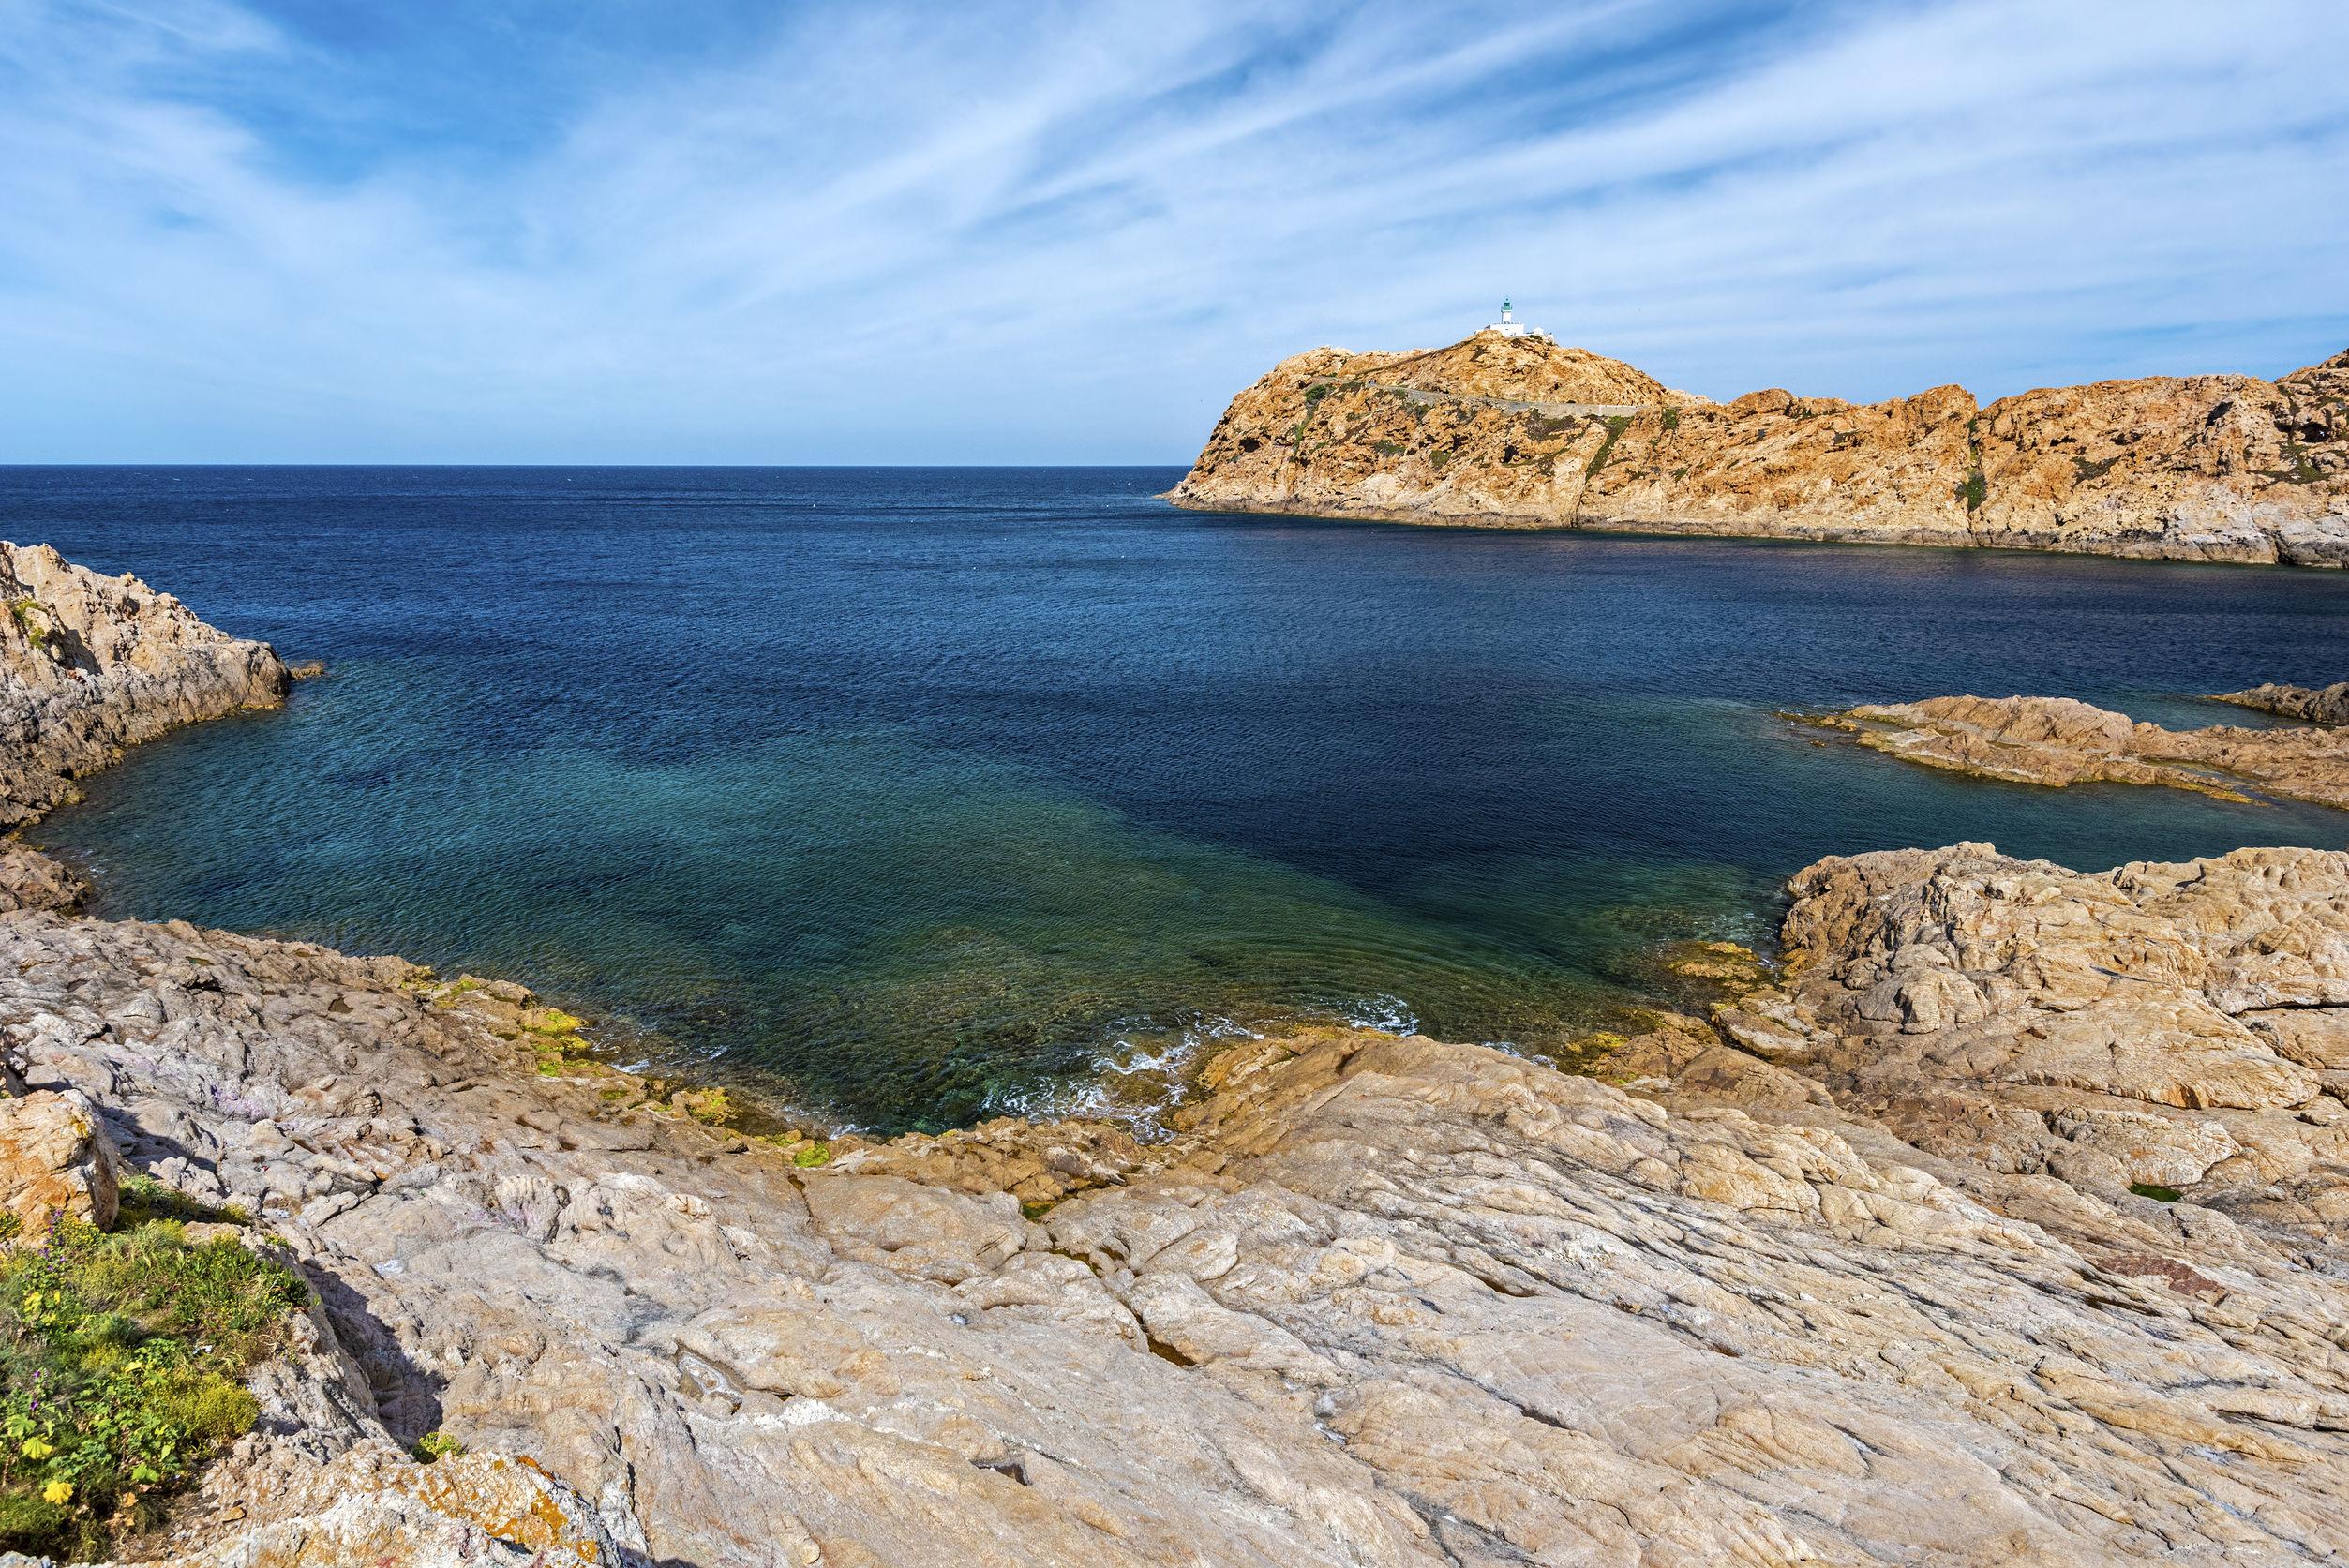 Paysage côtier vu de Pietra, Ile-Rousse en Corse, avec son phare à droite